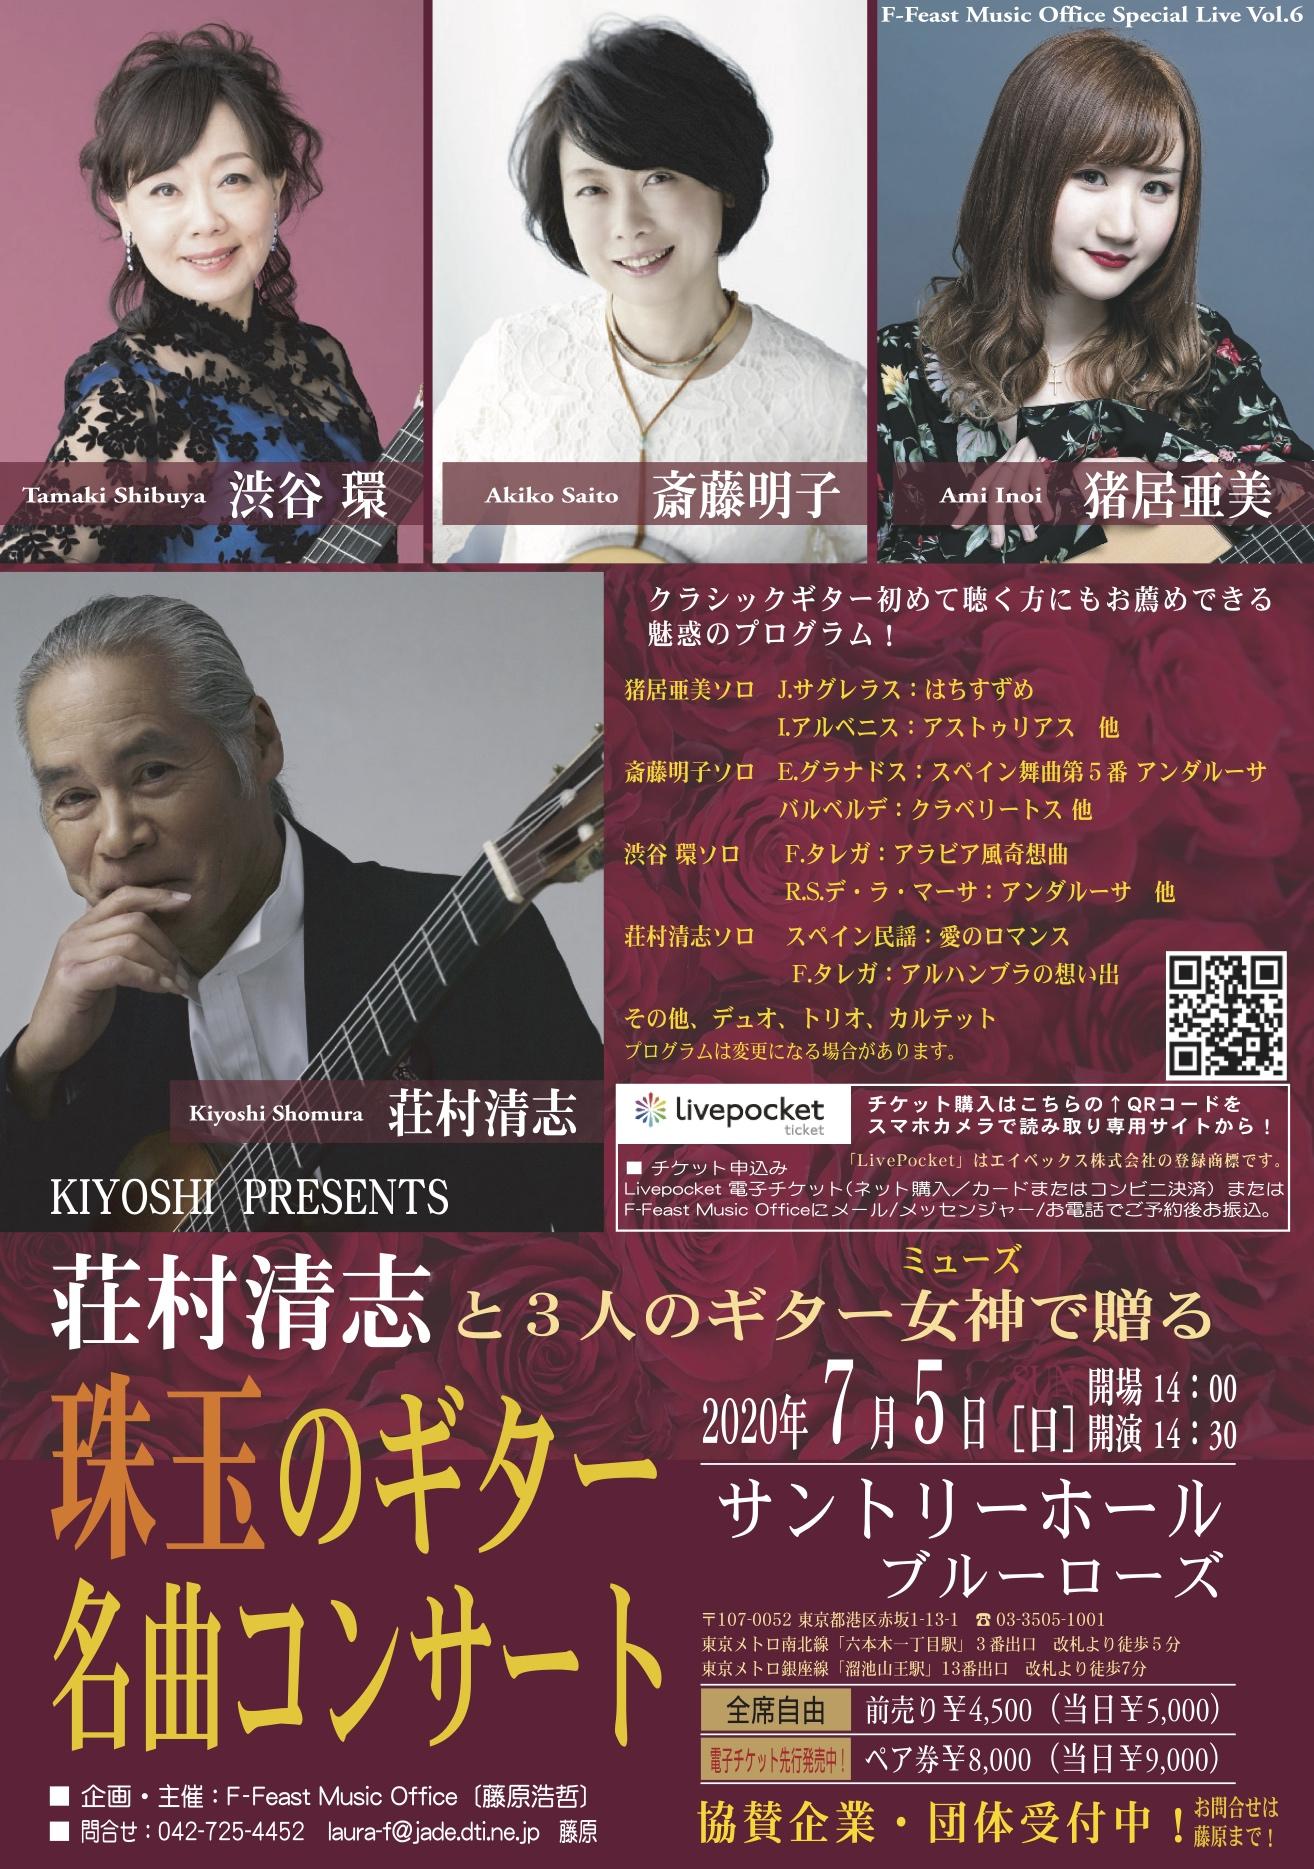 荘村清志と3人のギターミューズ(渋谷環・斎藤明子・猪居亜美)で贈る珠玉のギター名曲コンサート